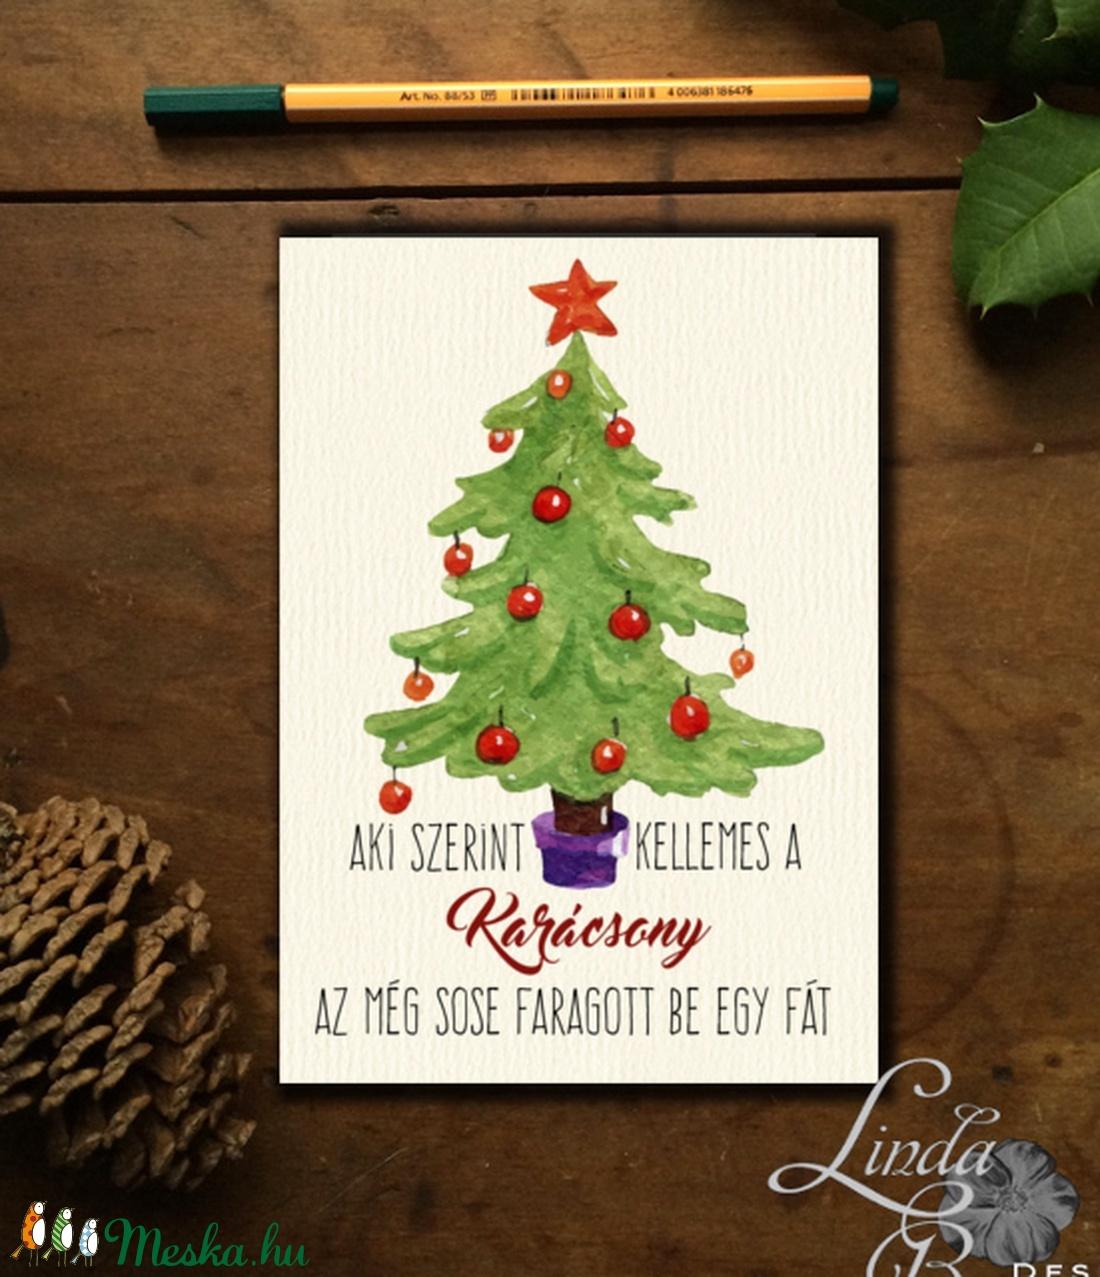 Vicces Karácsonyi Képeslap, Humorors, Adventi kártya, Vicces lap, üdvözlőlap, ironikus, szarkasztikus - karácsony - karácsonyi ajándékozás - karácsonyi képeslap, üdvözlőlap, ajándékkísérő - Meska.hu